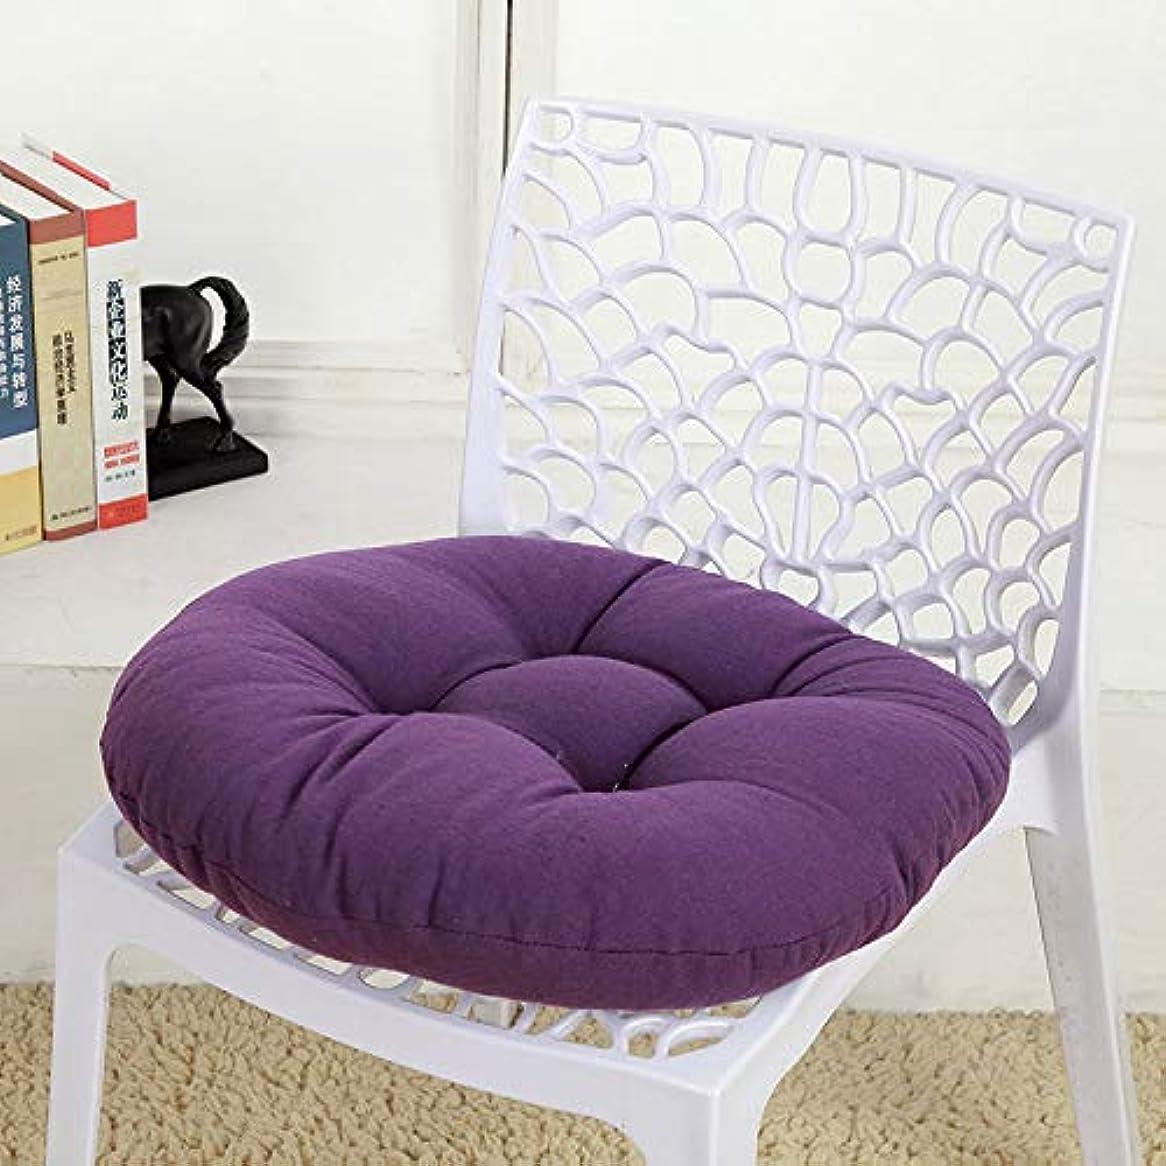 温帯最小化する生命体SMART キャンディカラーのクッションラウンドシートクッション波ウィンドウシートクッションクッション家の装飾パッドラウンド枕シート枕椅子座る枕 クッション 椅子